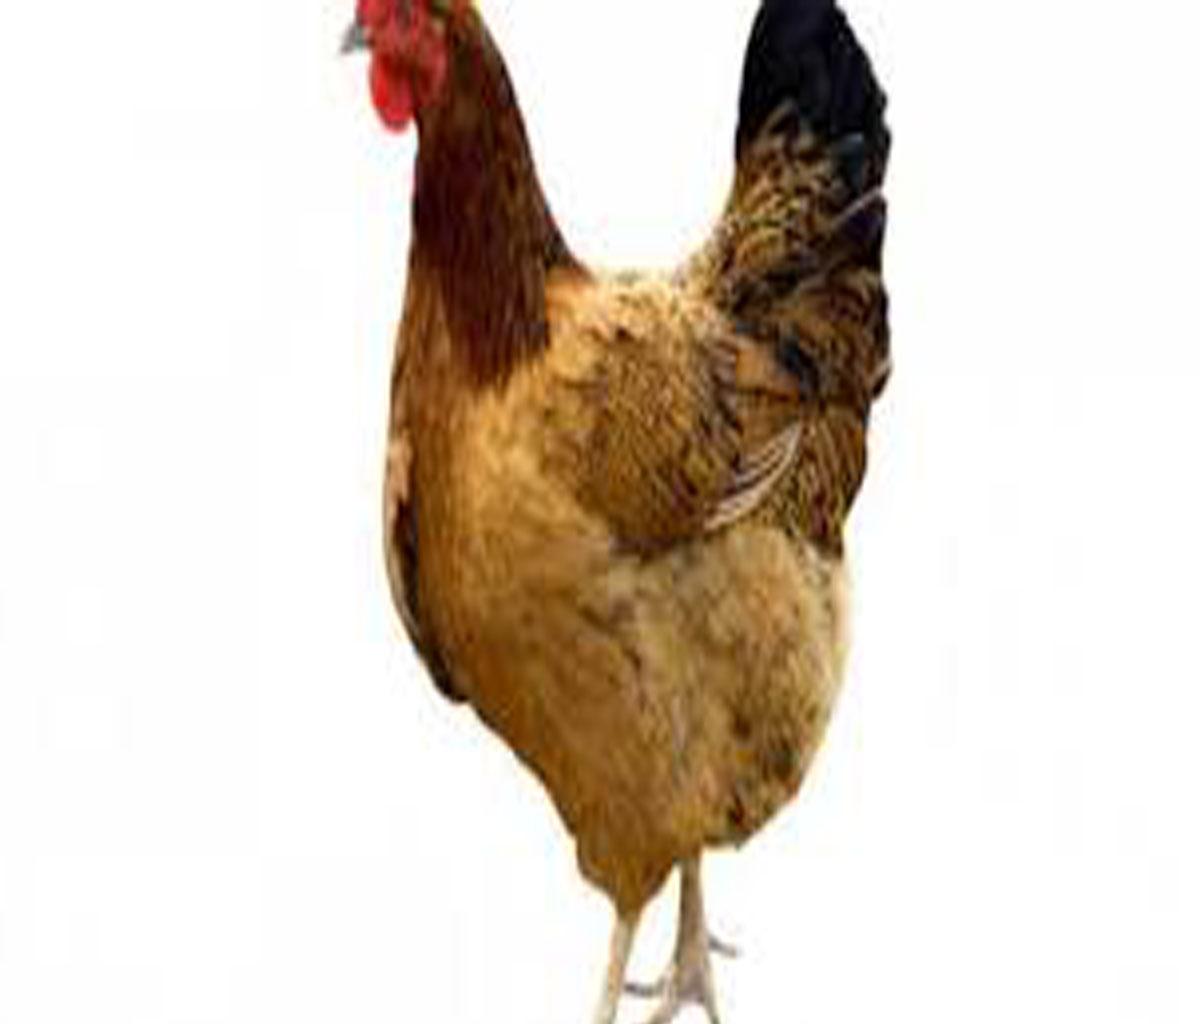 تفسير رؤية الدجاج في منام المرأة الحامل تفسير حلم الدجاج للمرأة الحامل في المنام